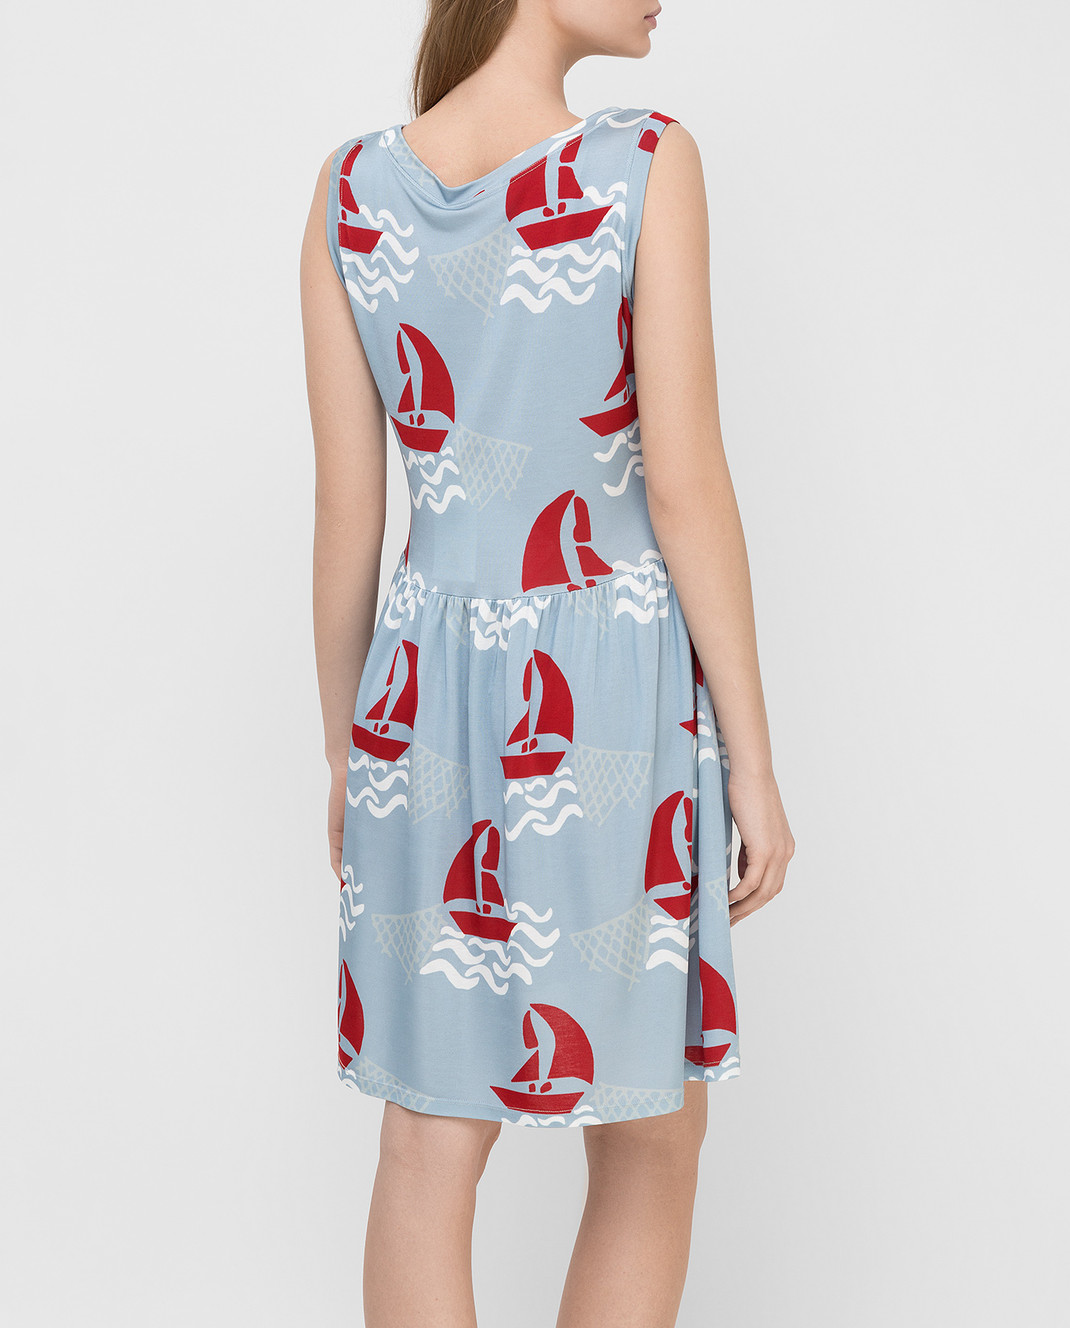 Tak.Ori Голубое платье DR010 изображение 4